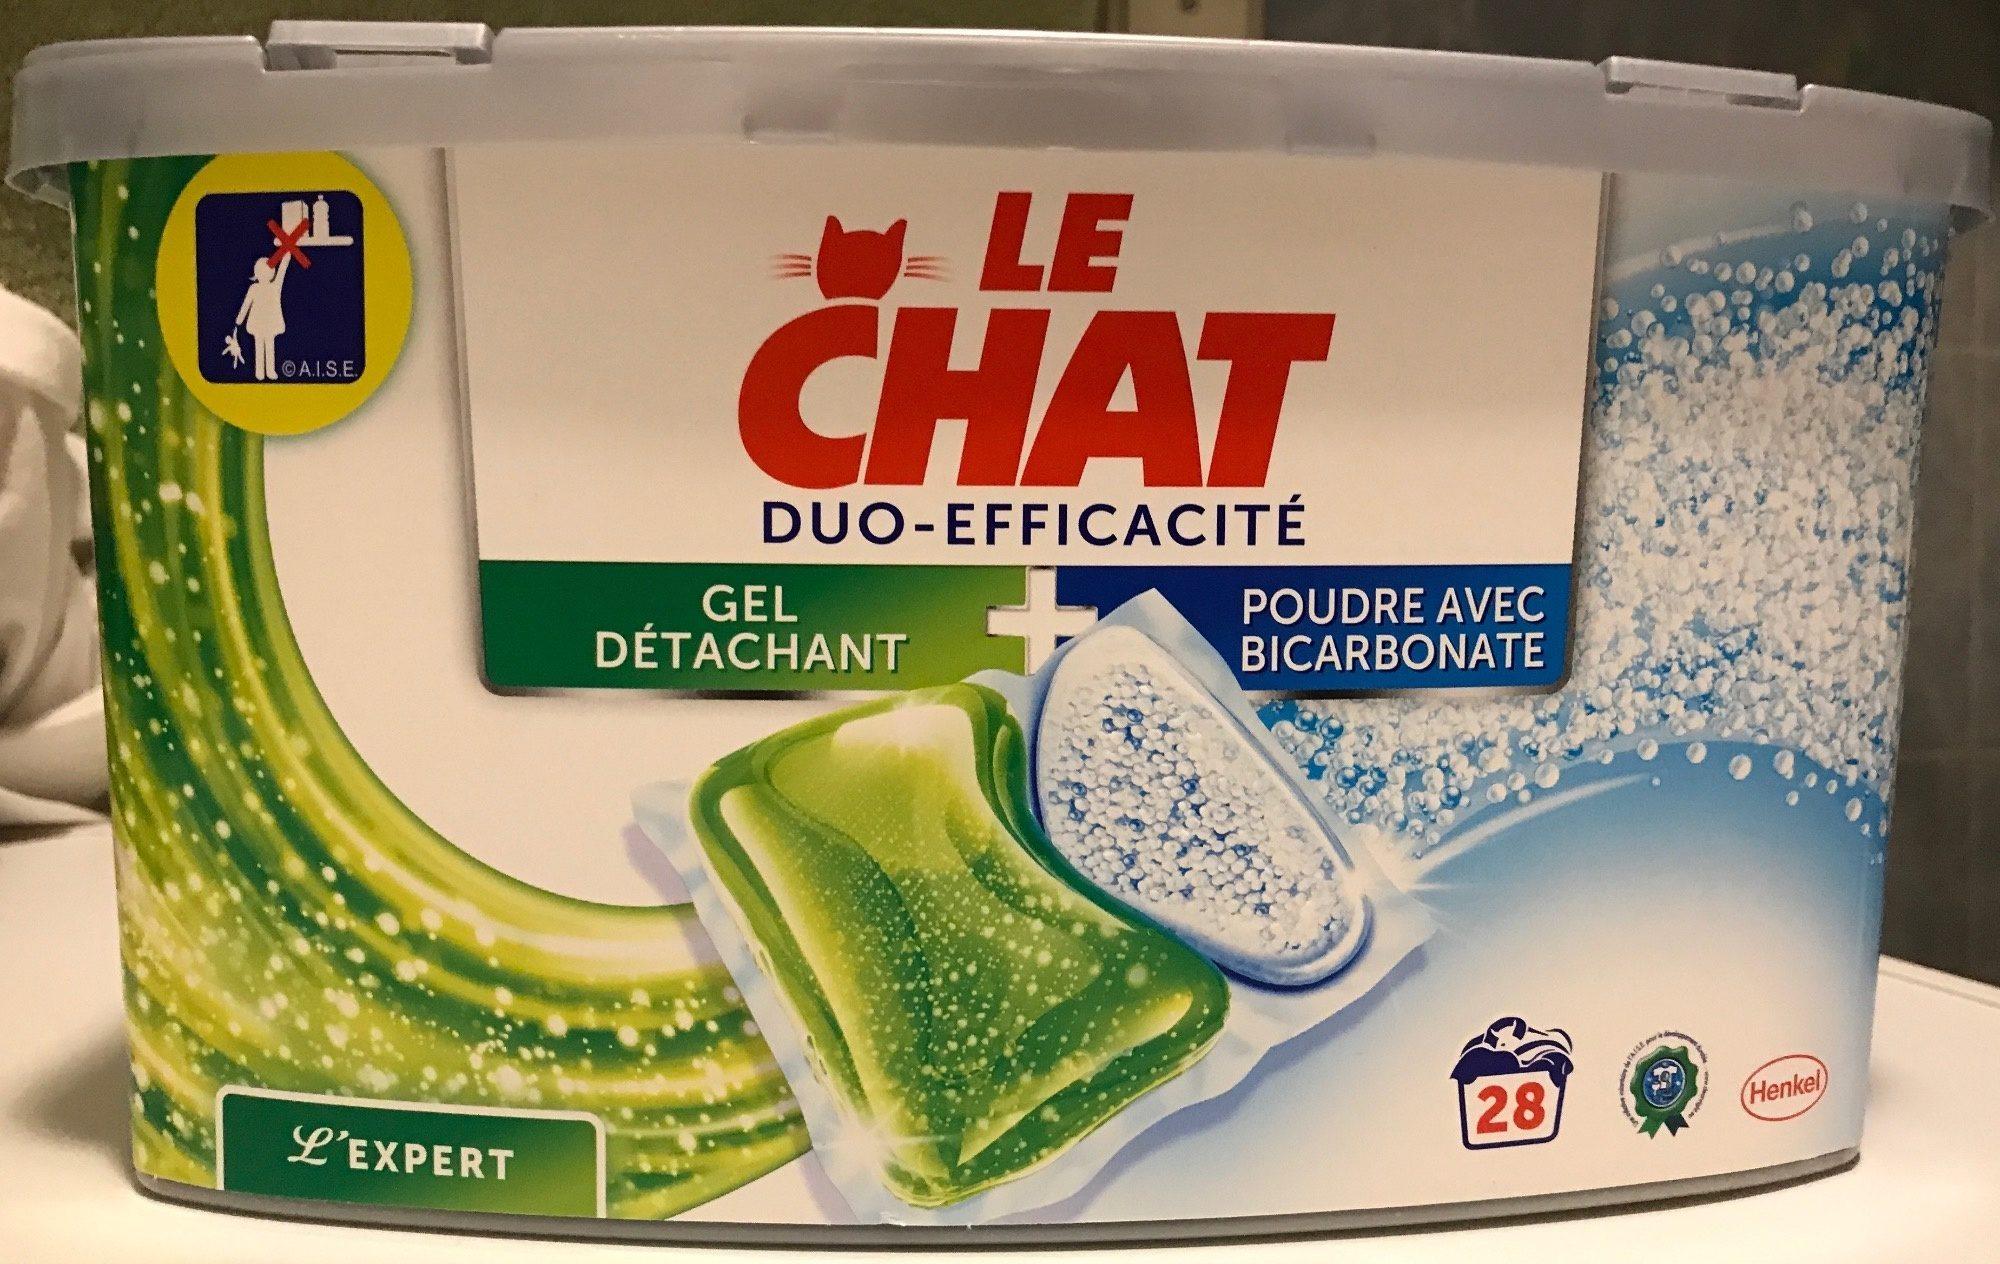 L'Expert Duo-efficacité Gel détachant + Poudre avec Bicarbonate - Produit